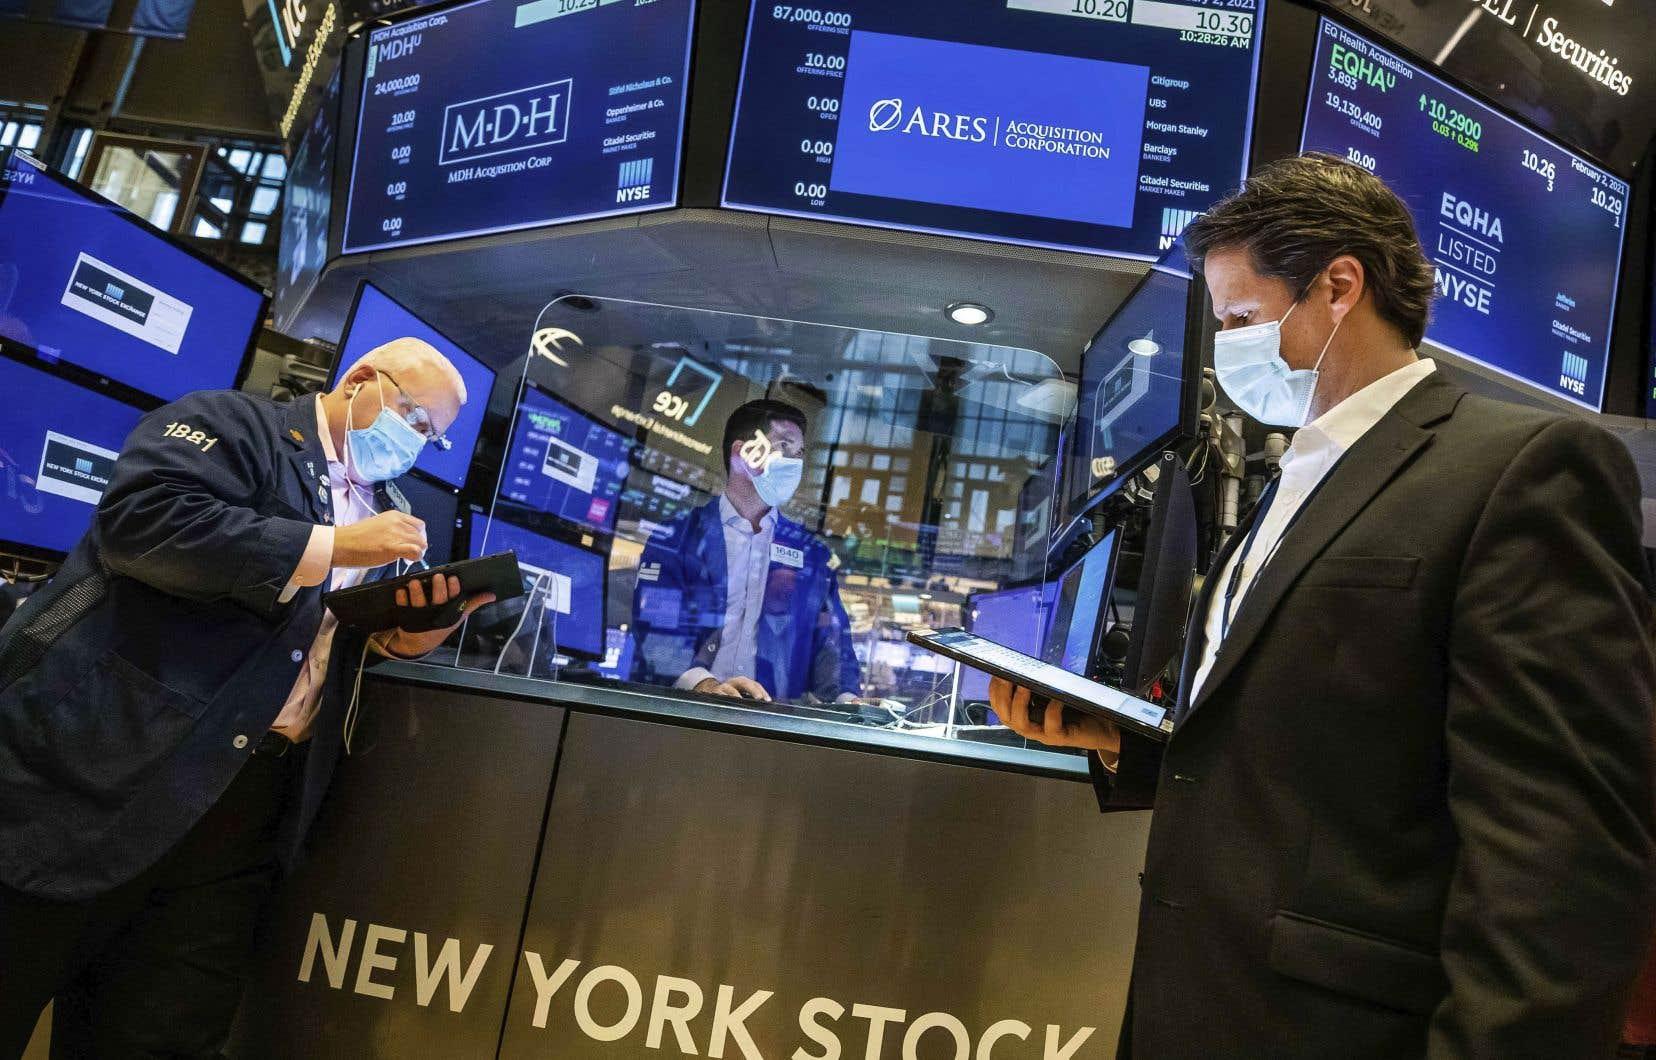 Après avoir fait face à une chute vertigineuse en mars dernier, les marchés sont en proie à une euphorie boursière depuis plusieurs mois, notamment du côté des actions technologiques.